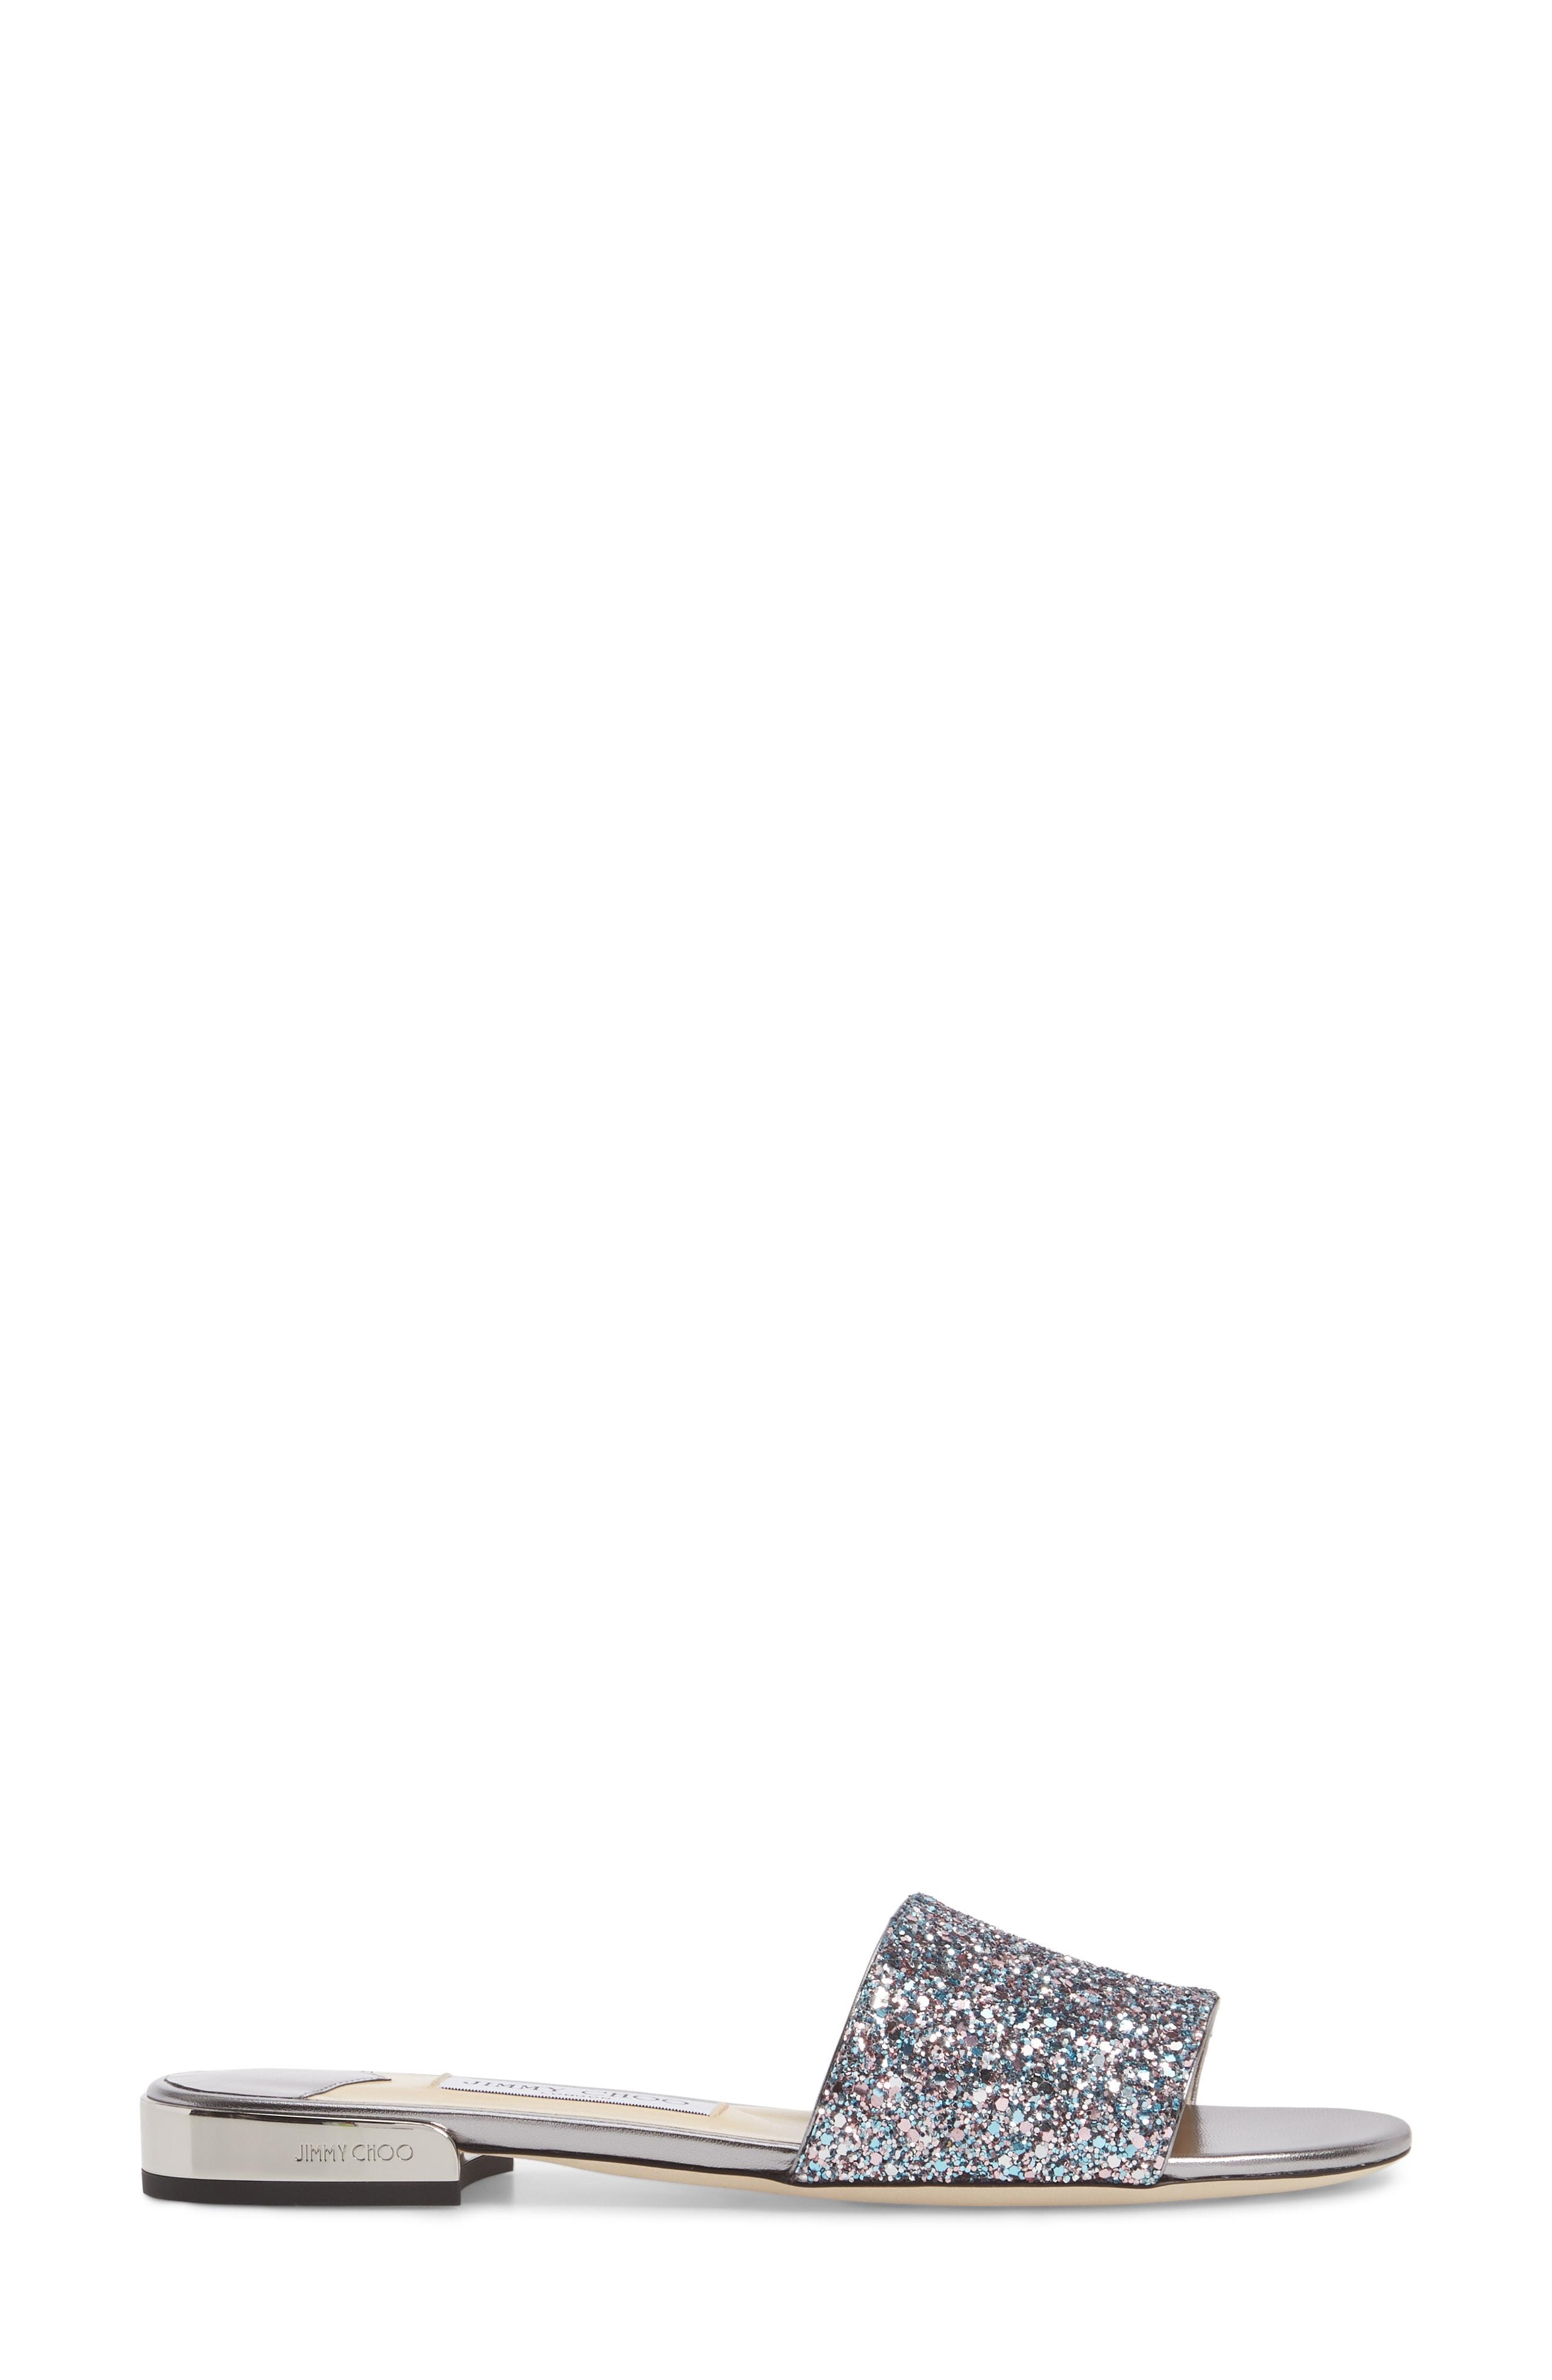 ea09a97a51b7 Jimmy Choo Joni Flat Bubblegum Mix Coarse Glitter Fabric Slides In  Multicolour